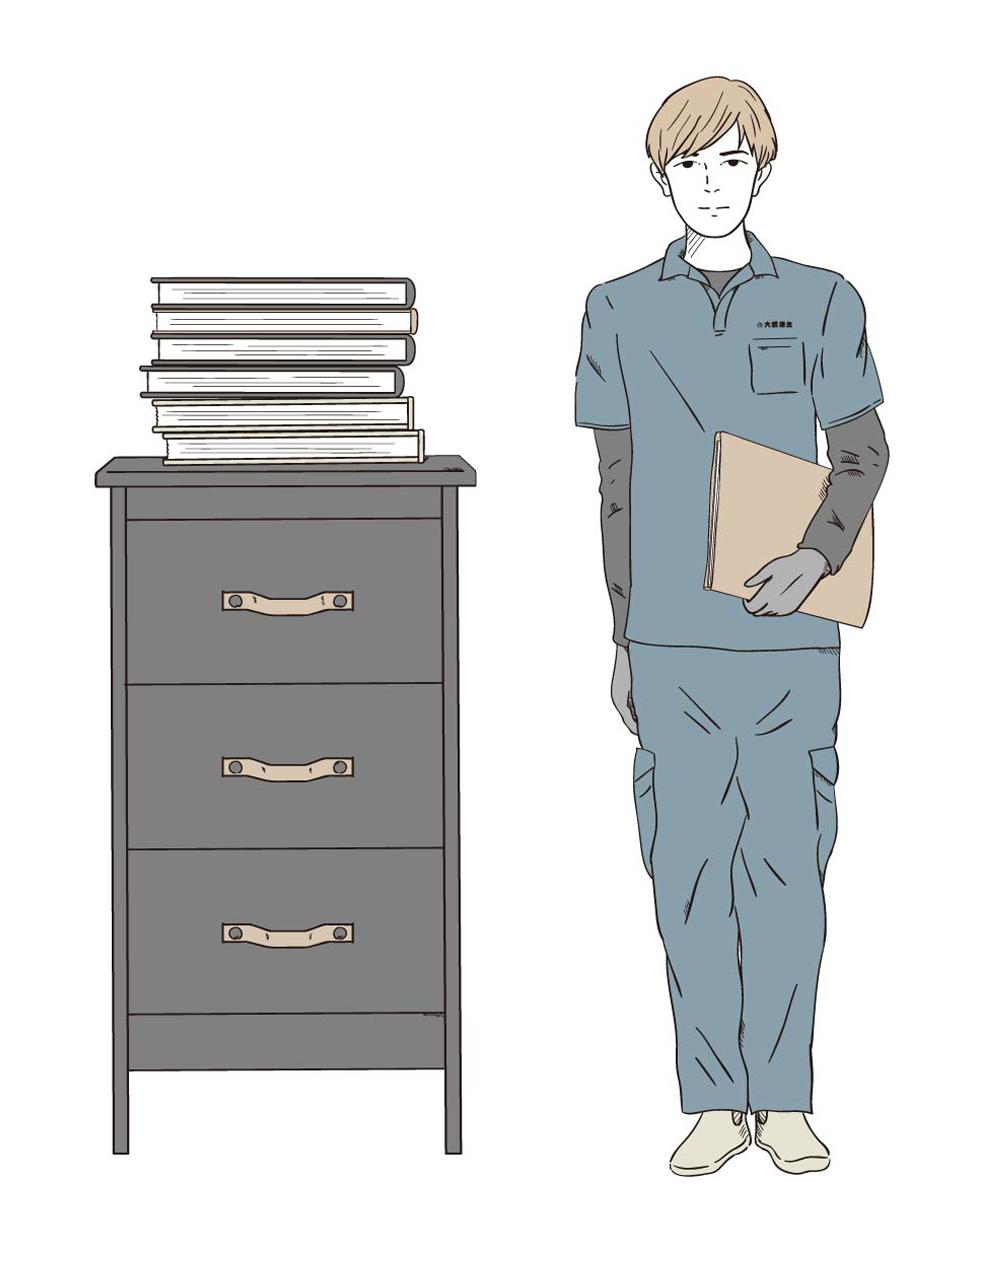 遺品整理・事故物件対応・ごみ屋敷の片付け